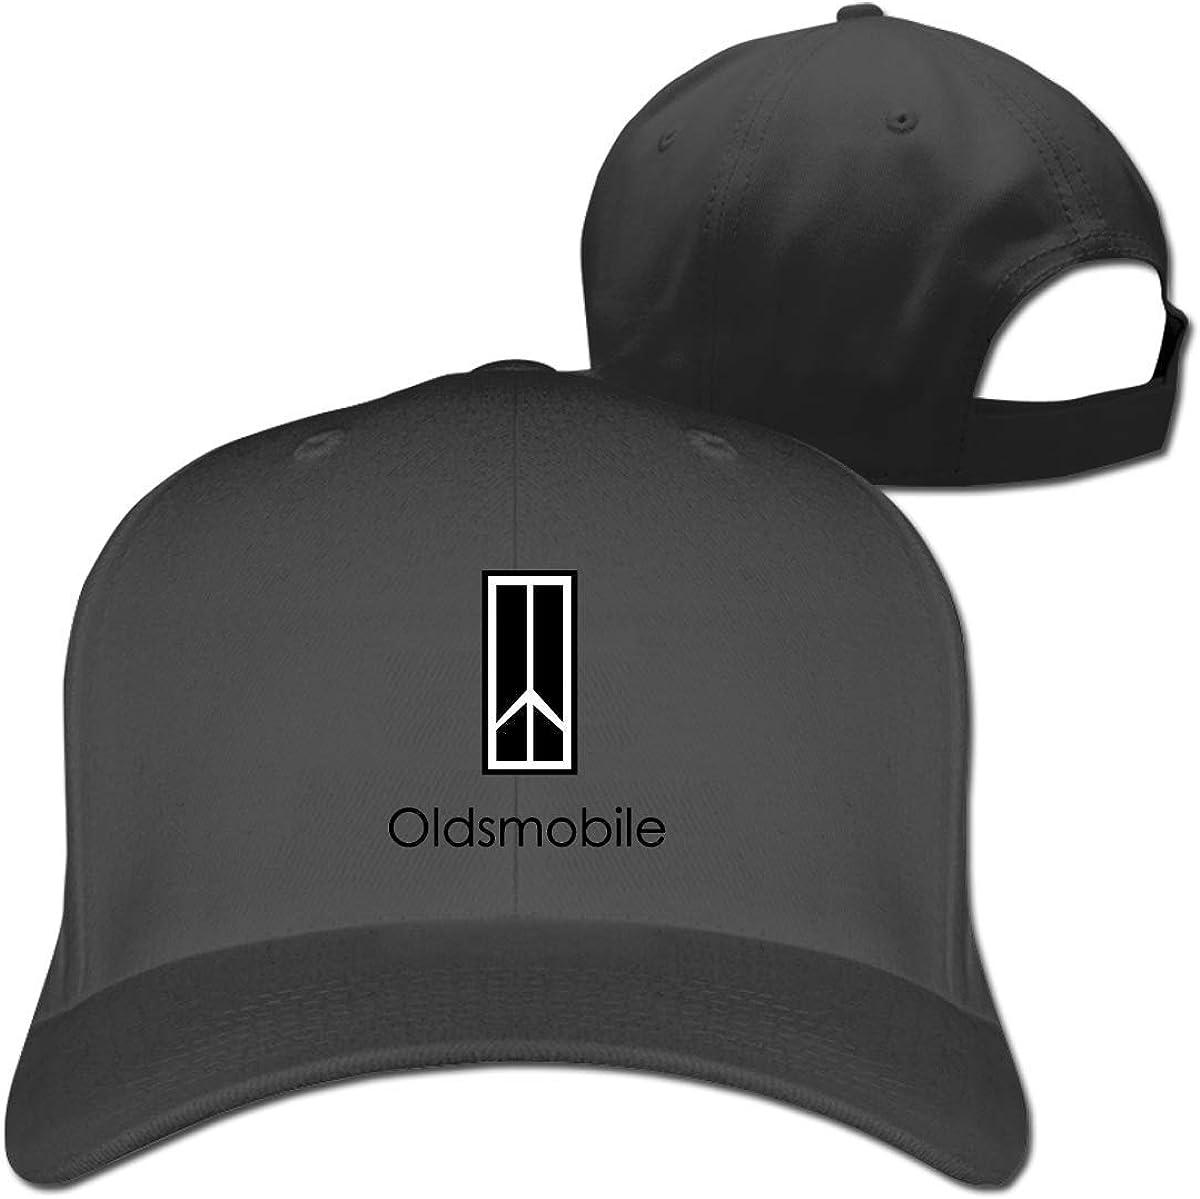 Tengyuntong Nuevo Logotipo Personalizado Abarth Auto Funny 100% algodón orgánico Casquette para Mujer Casquette Black